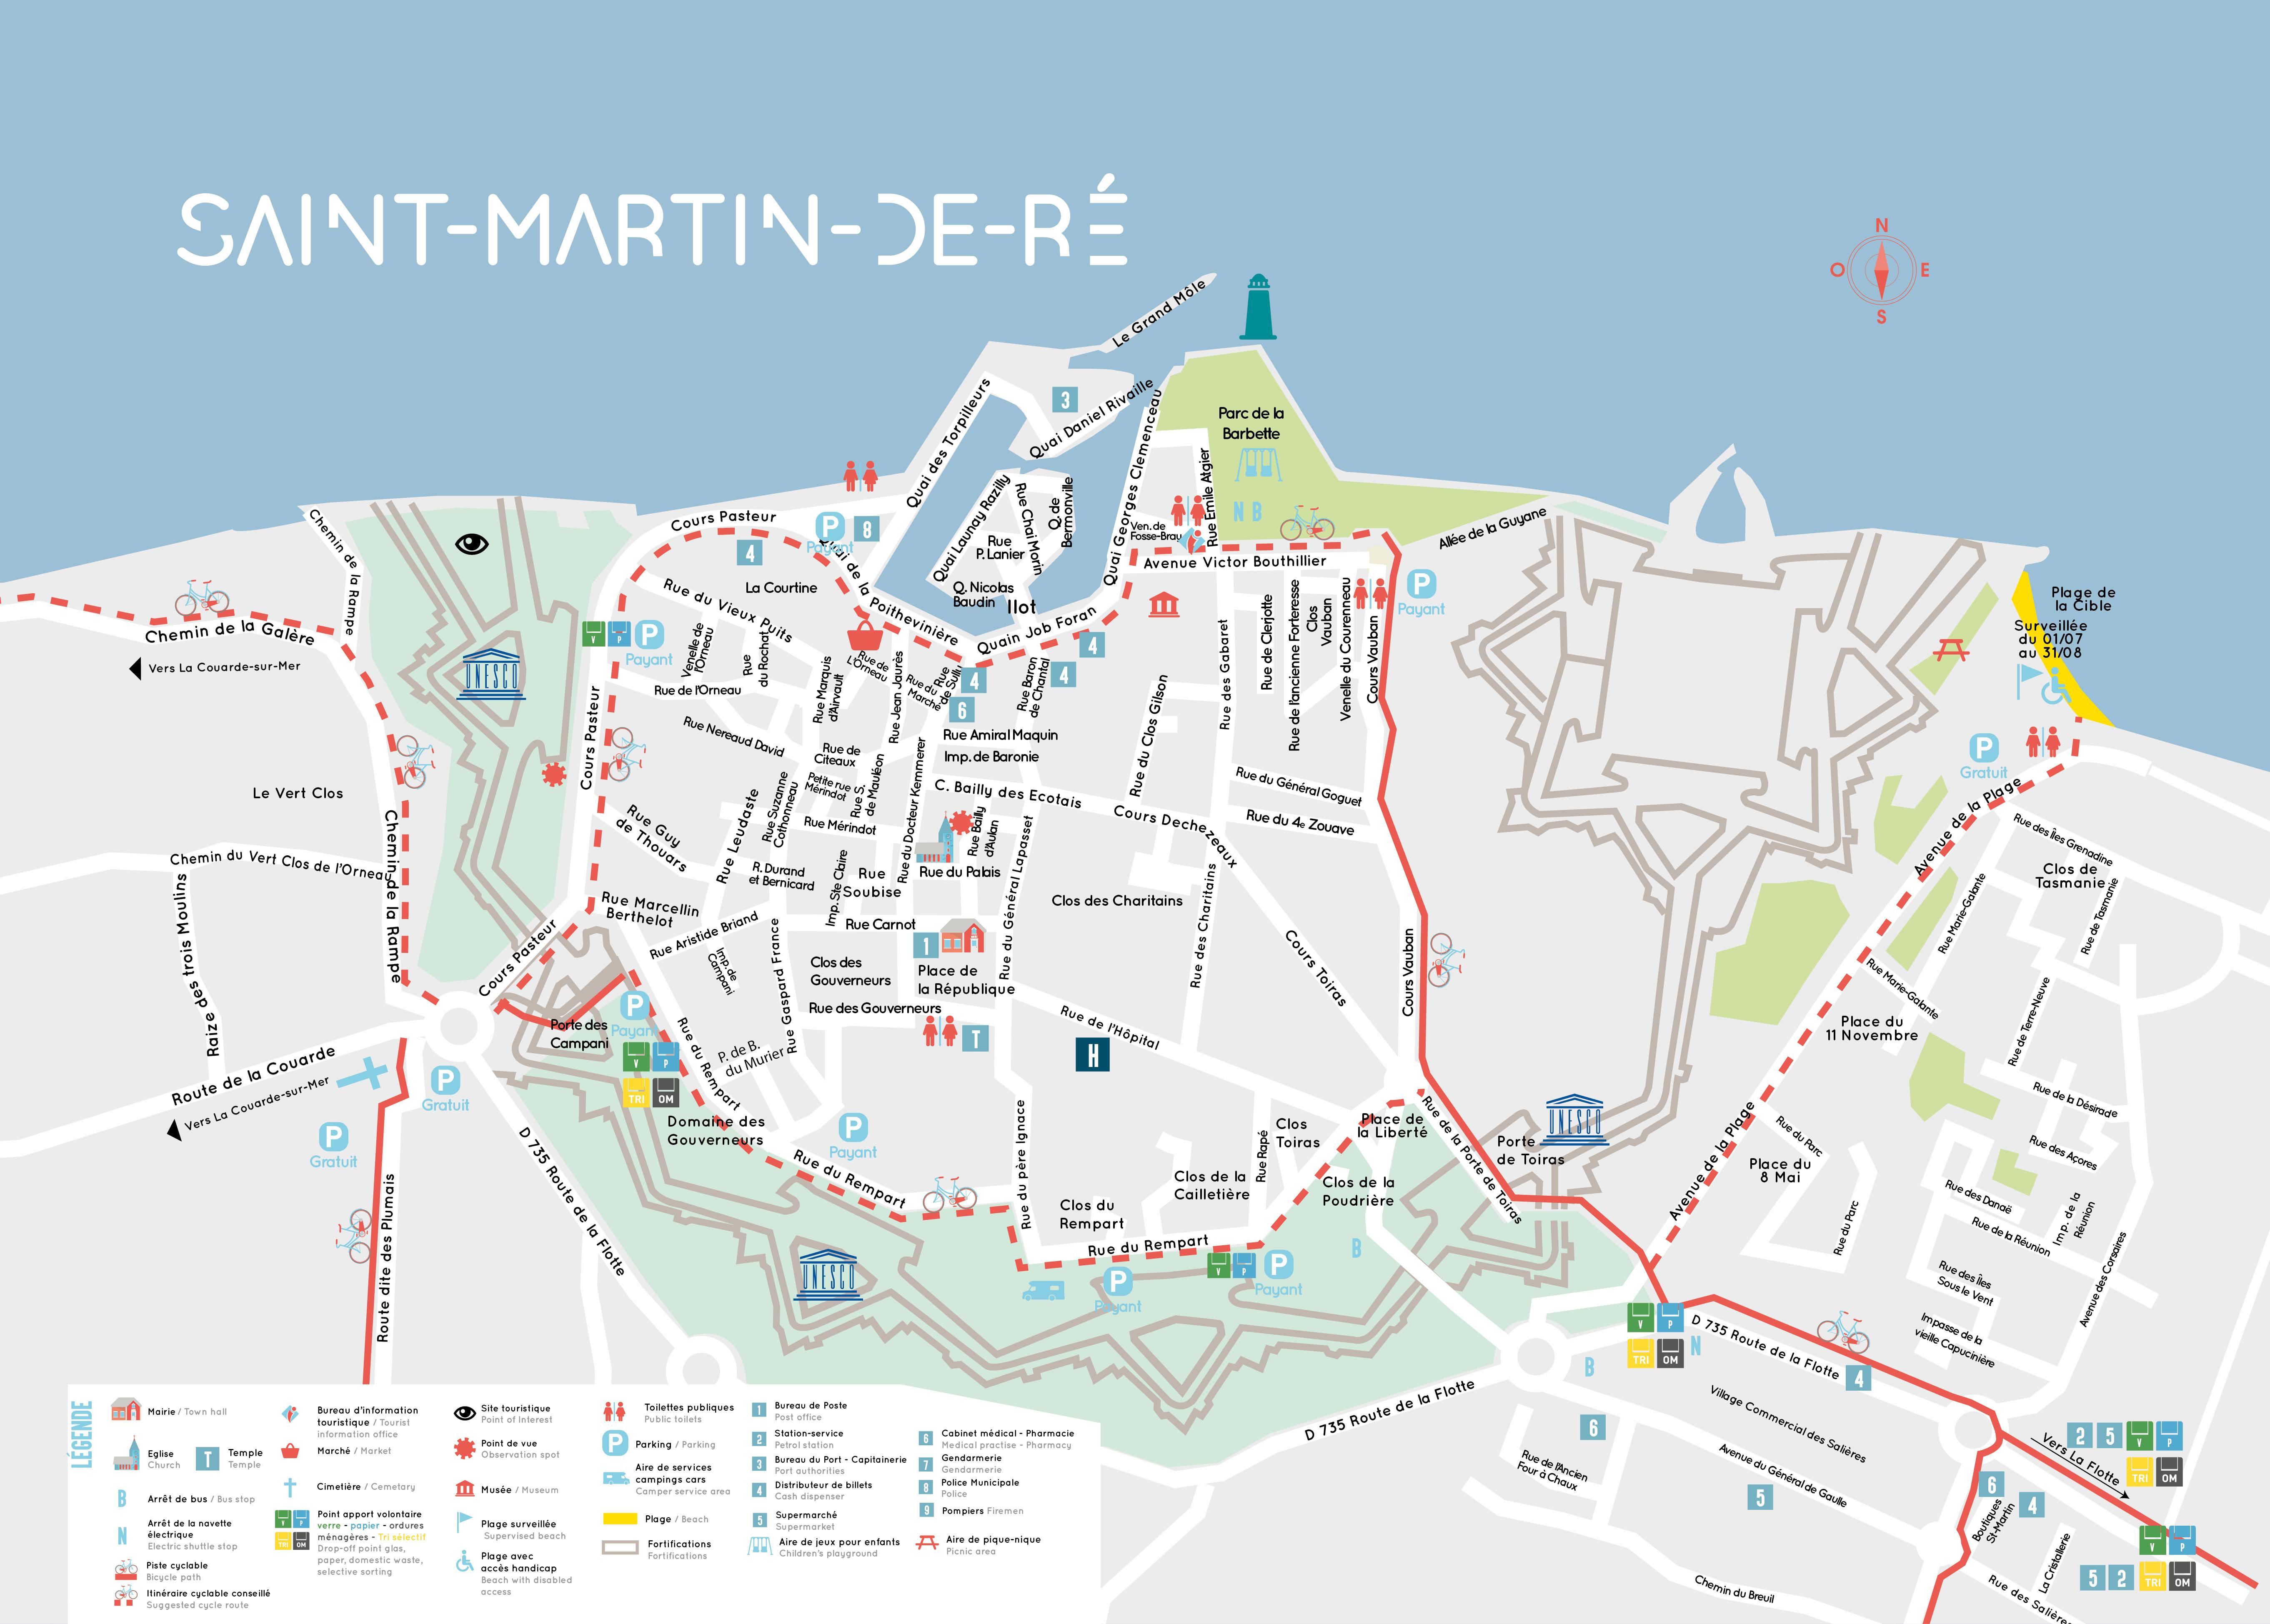 saint-martin-de-re